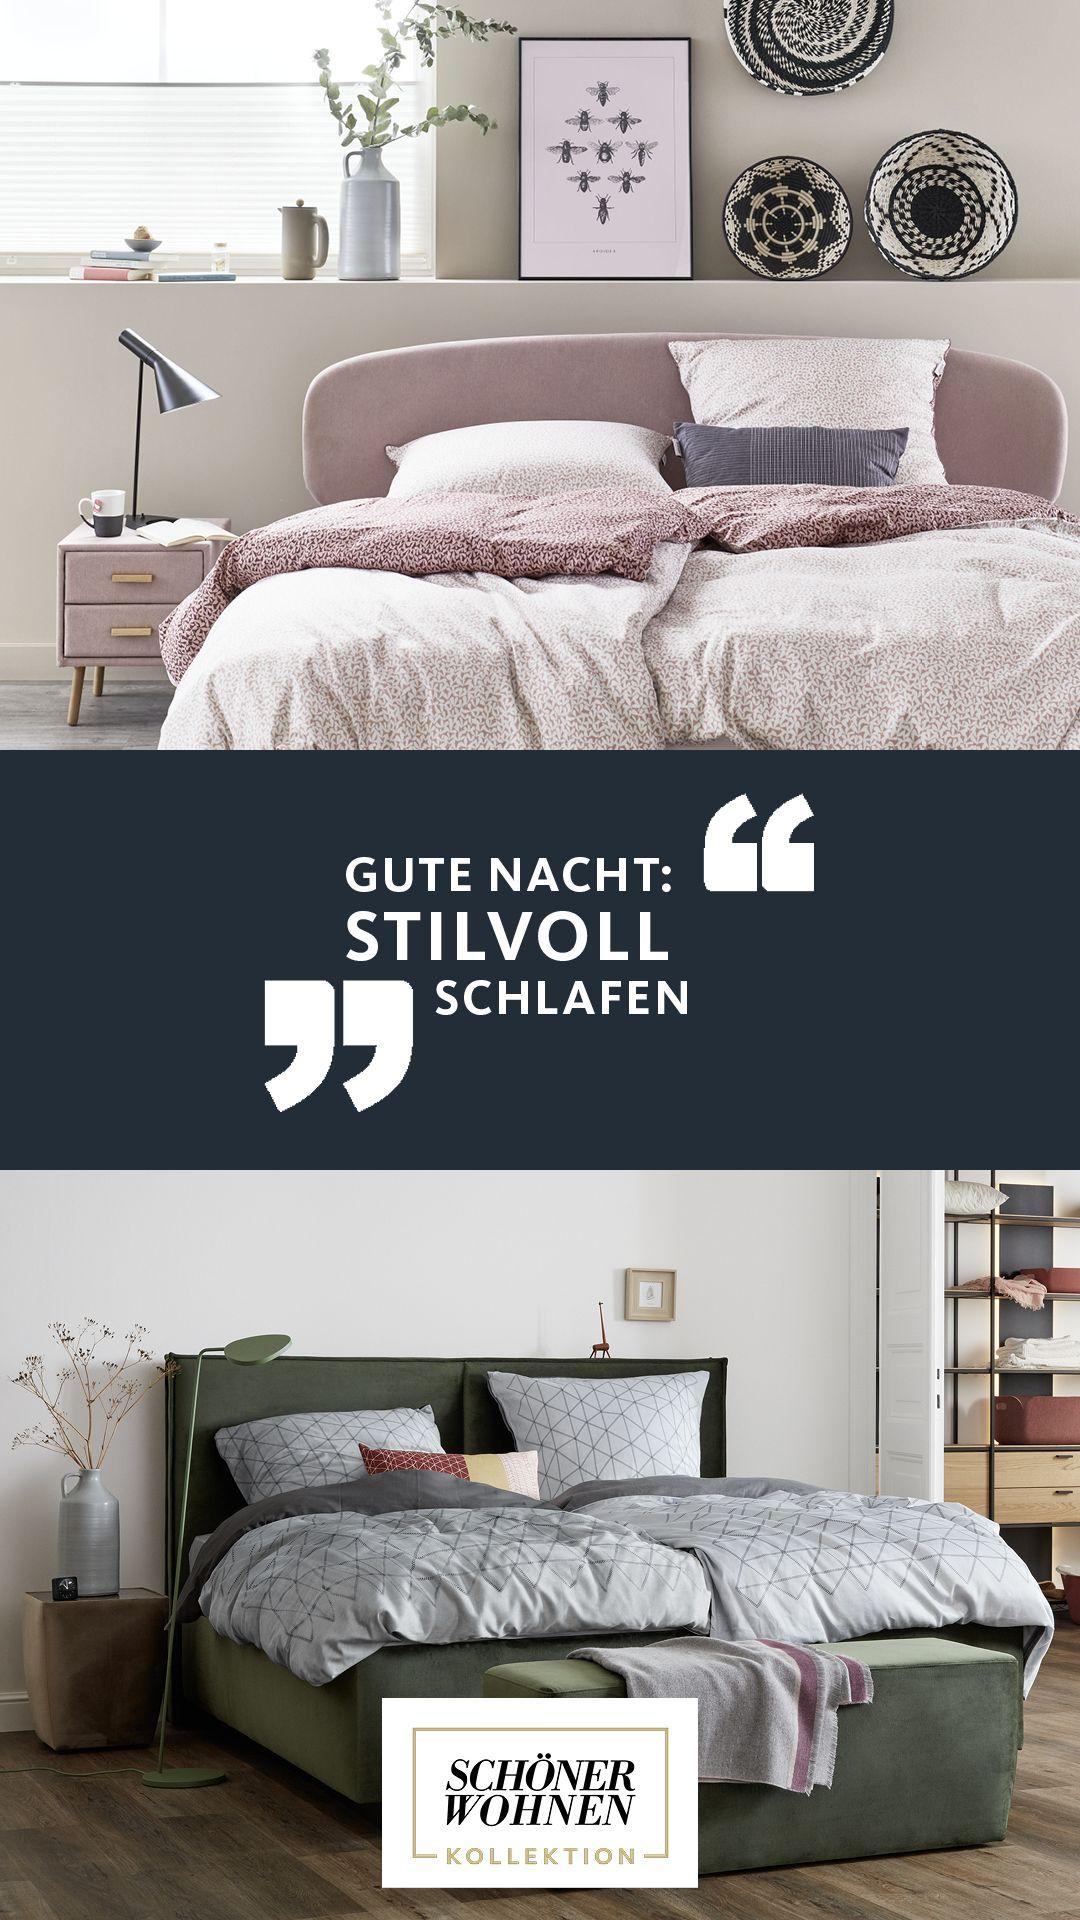 Schlafzimmer Ideen mit SCH–NER WOHNEN Kollektion Gut